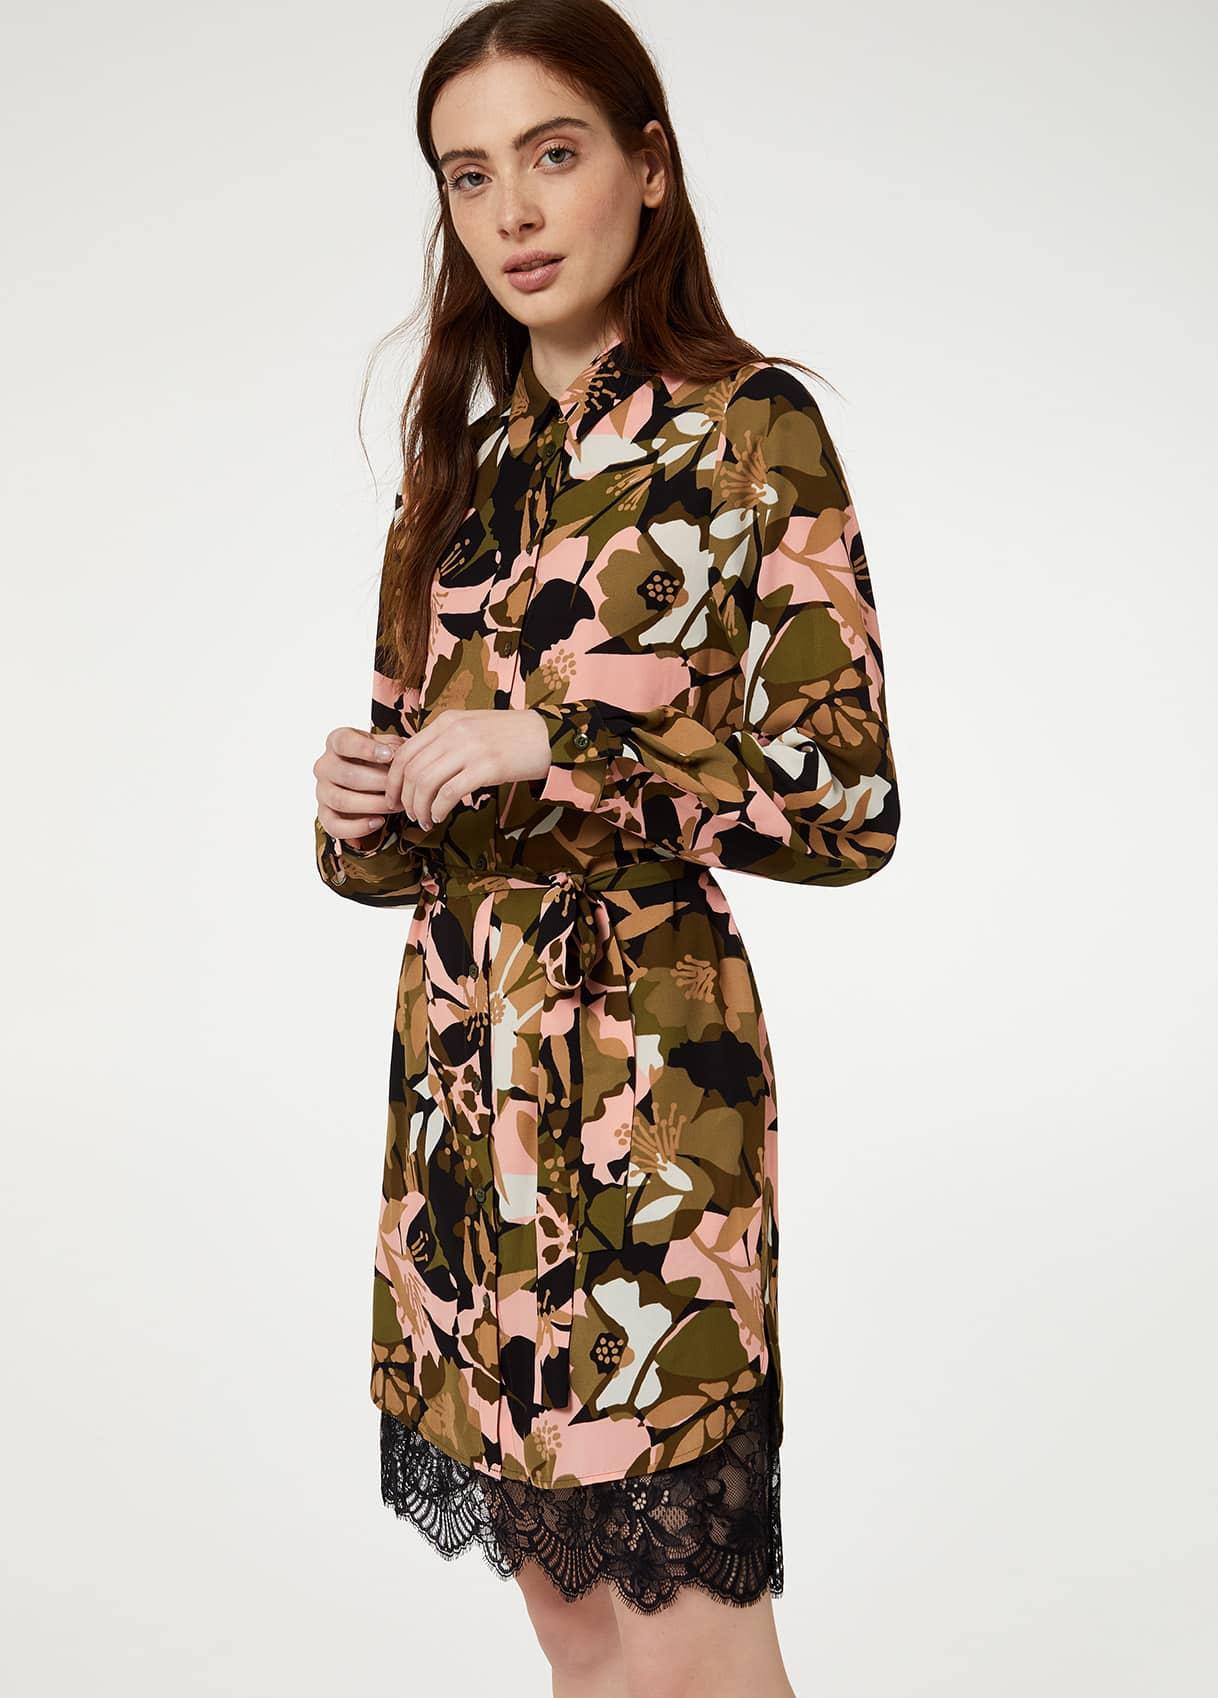 8056156733264-Dresses-shortdresses-WA0055T9147U9573-I-AF-N-R-01-N